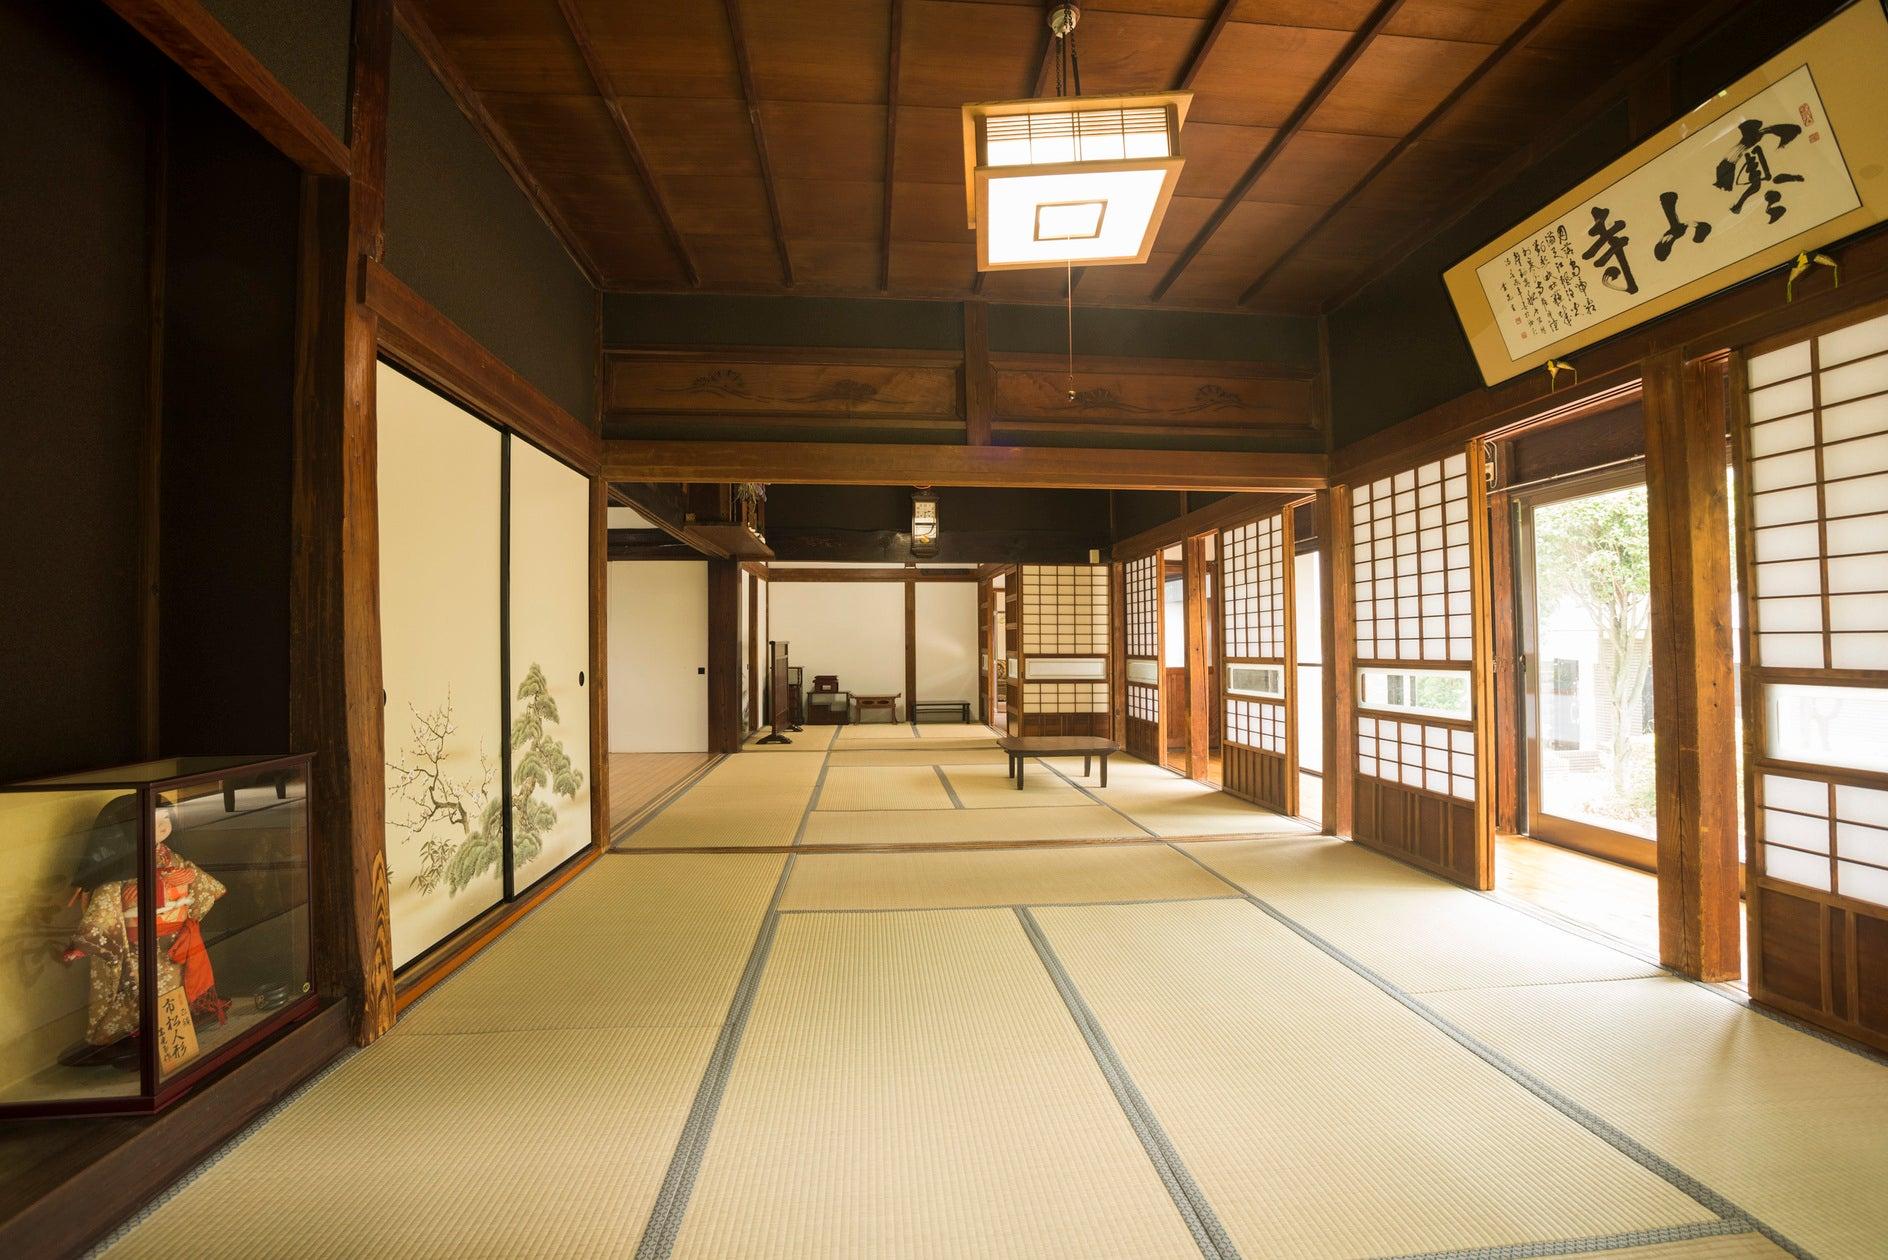 古民家冨田邸、都内で珍しい由緒ある古い建物です。